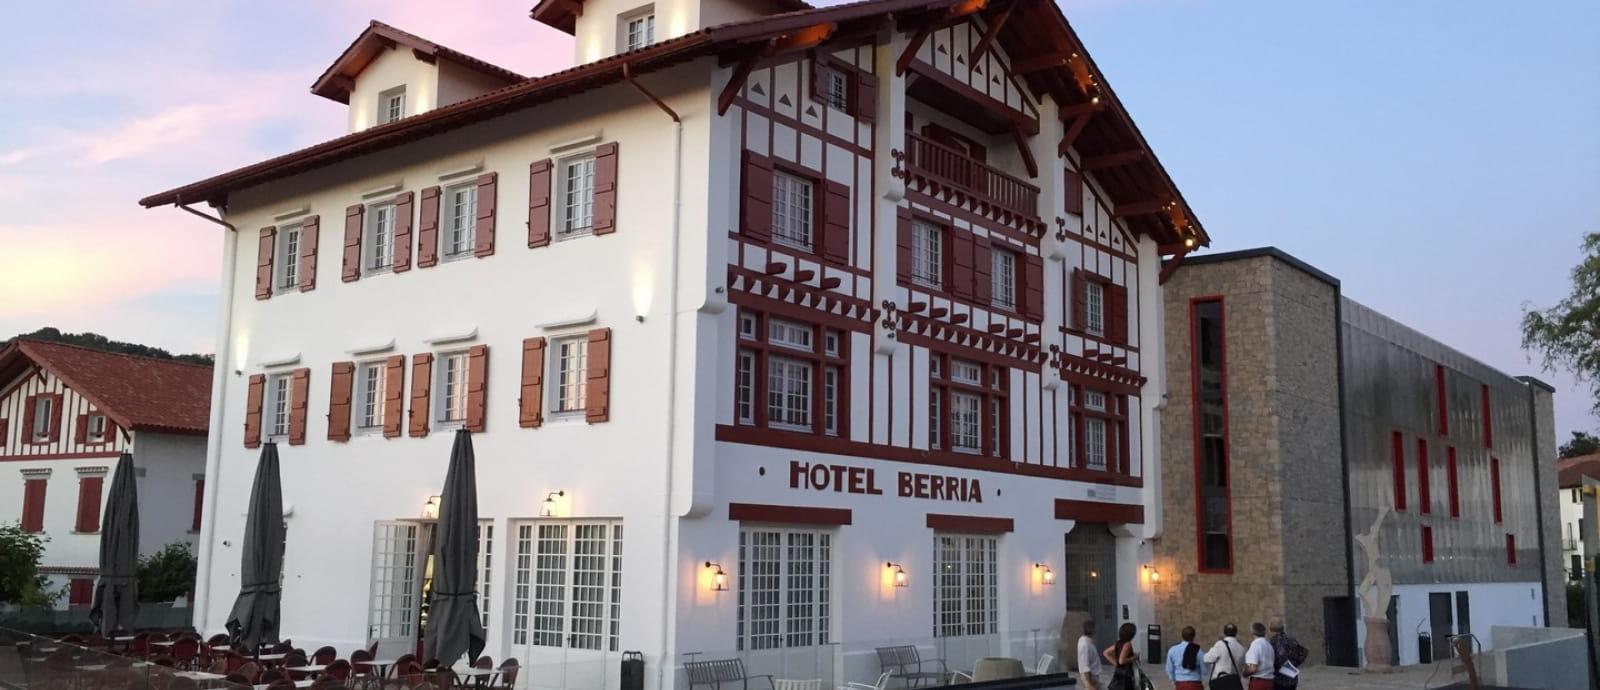 Hotel-Berria-Hasparren